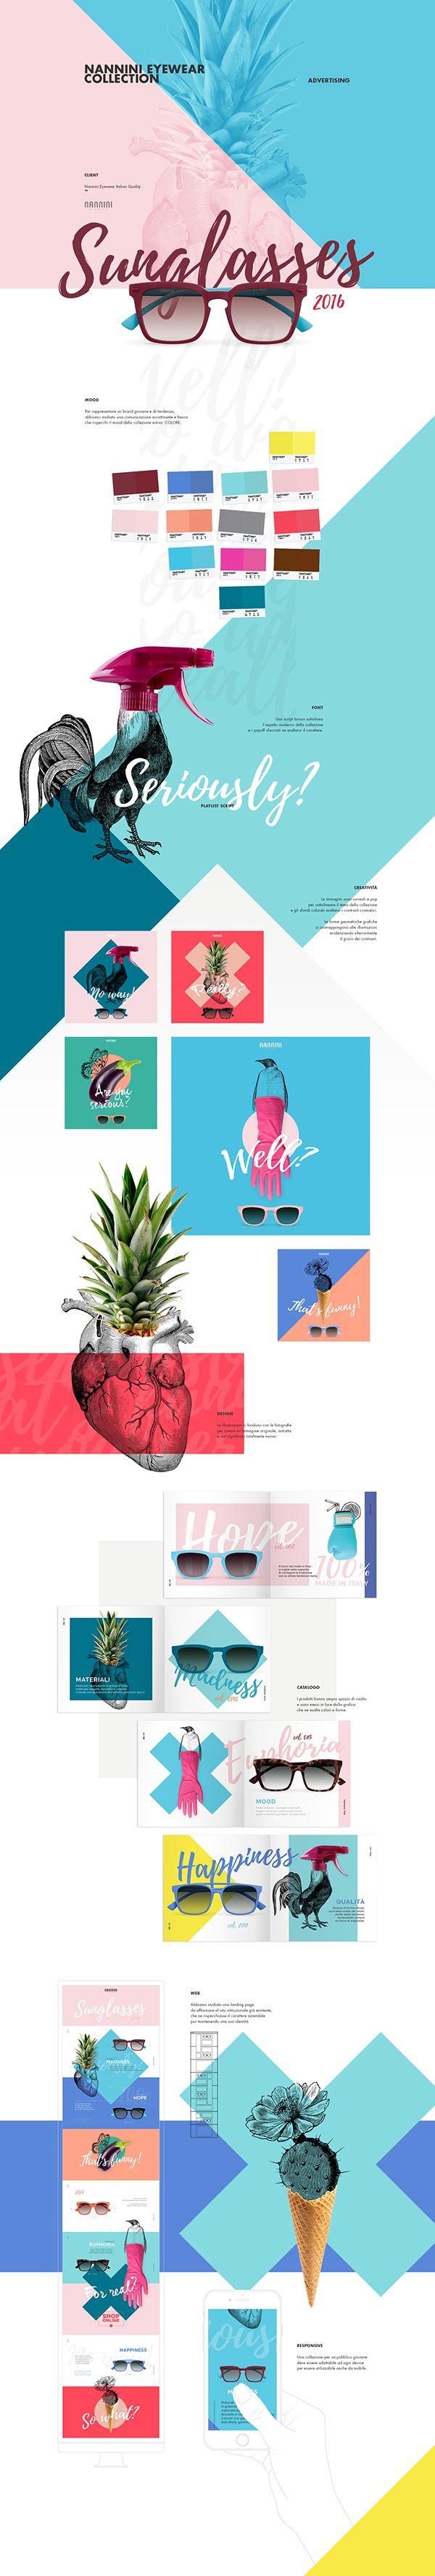 Nannini - Sunglasses Eyeweaa collectionPer rappresentare un brand giovane e di tendenza,abbiamo studiato una comunicazione accattivante e frescache rispecchi il mood della collezione estiva: COLORE.Uno script brioso sottolineal'aspetto moderno della …